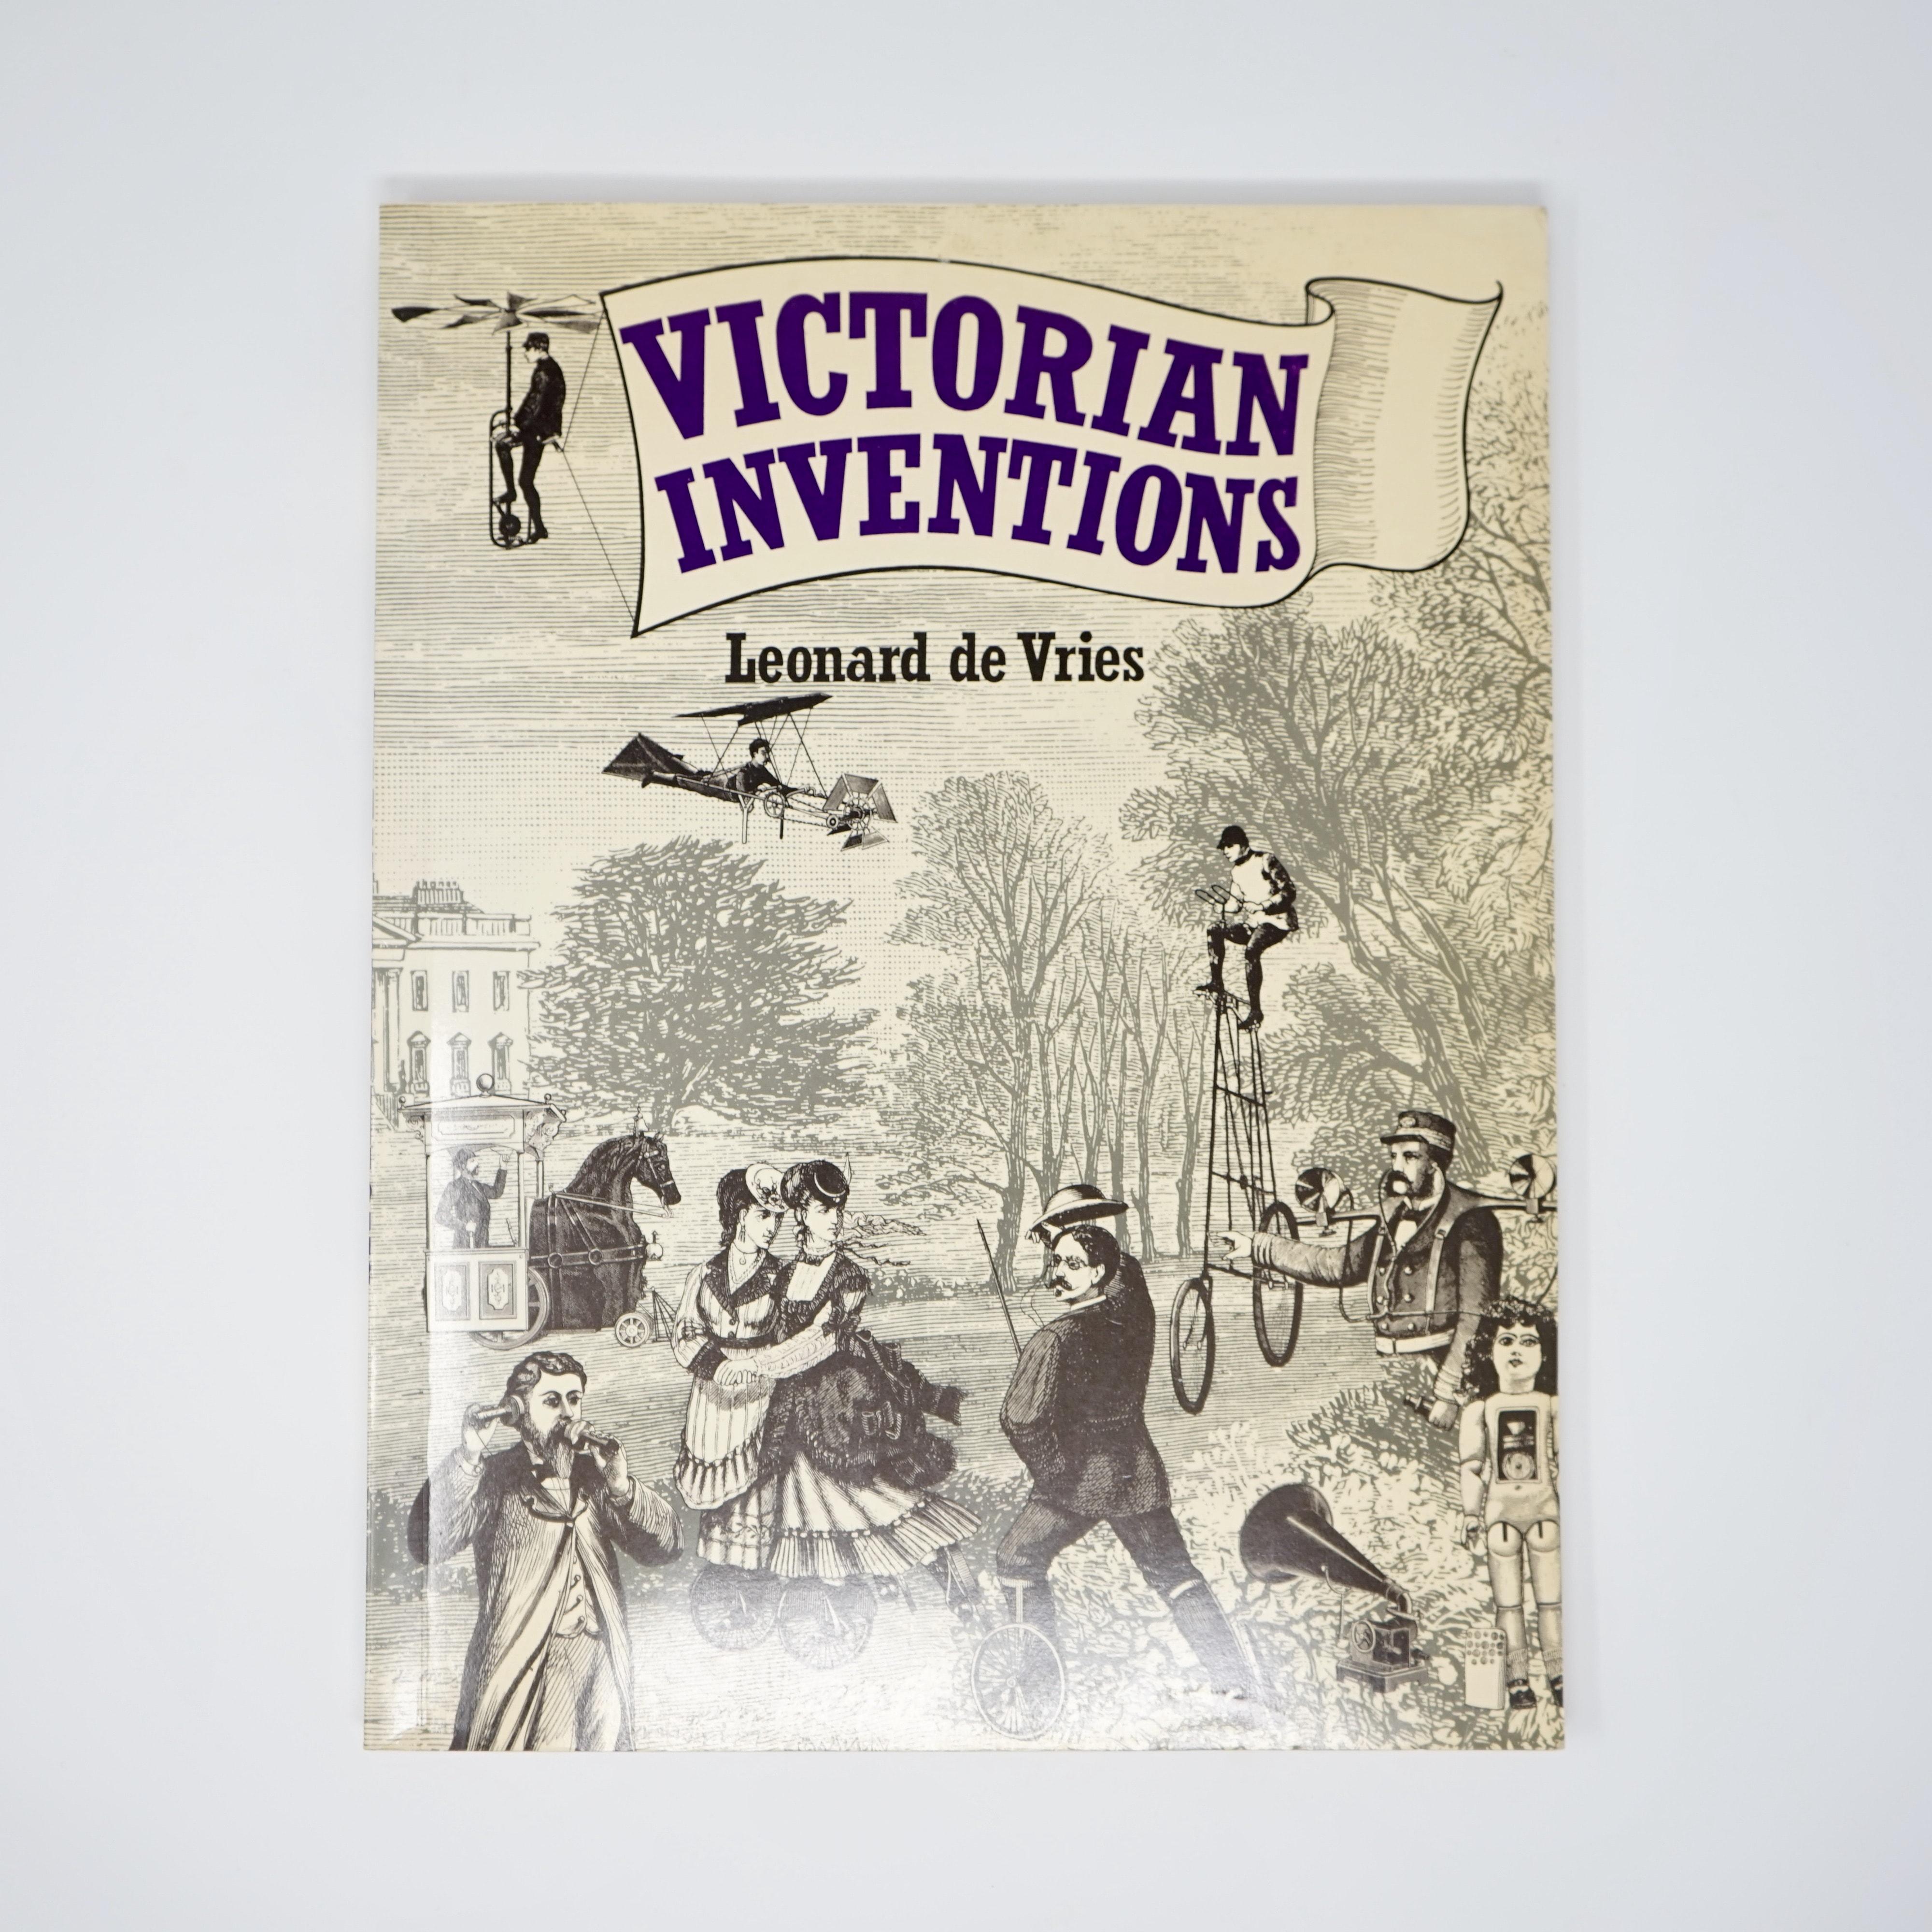 Livre Victorian Inventions Leonard de Vries Couverture